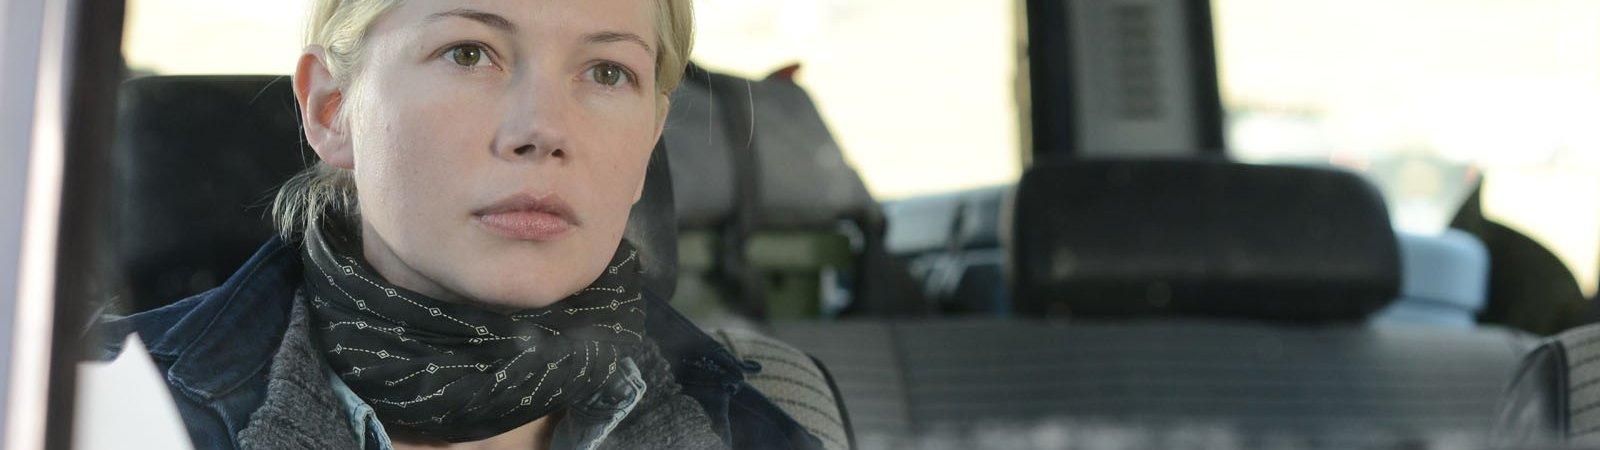 Photo dernier film Kristen Stewart